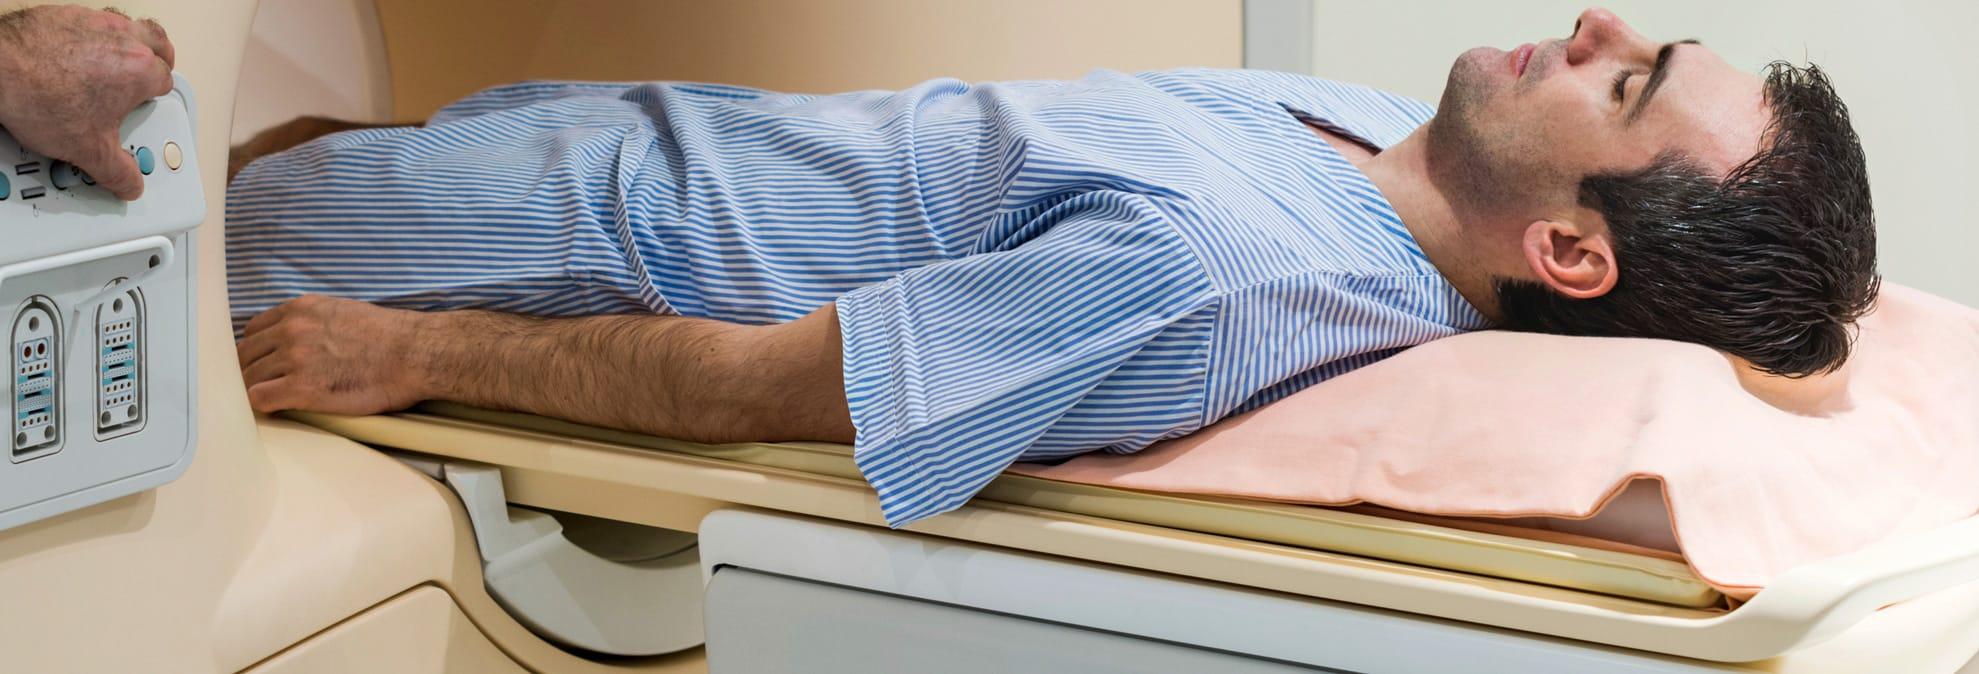 el cáncer de próstata ya no se opera en 2020